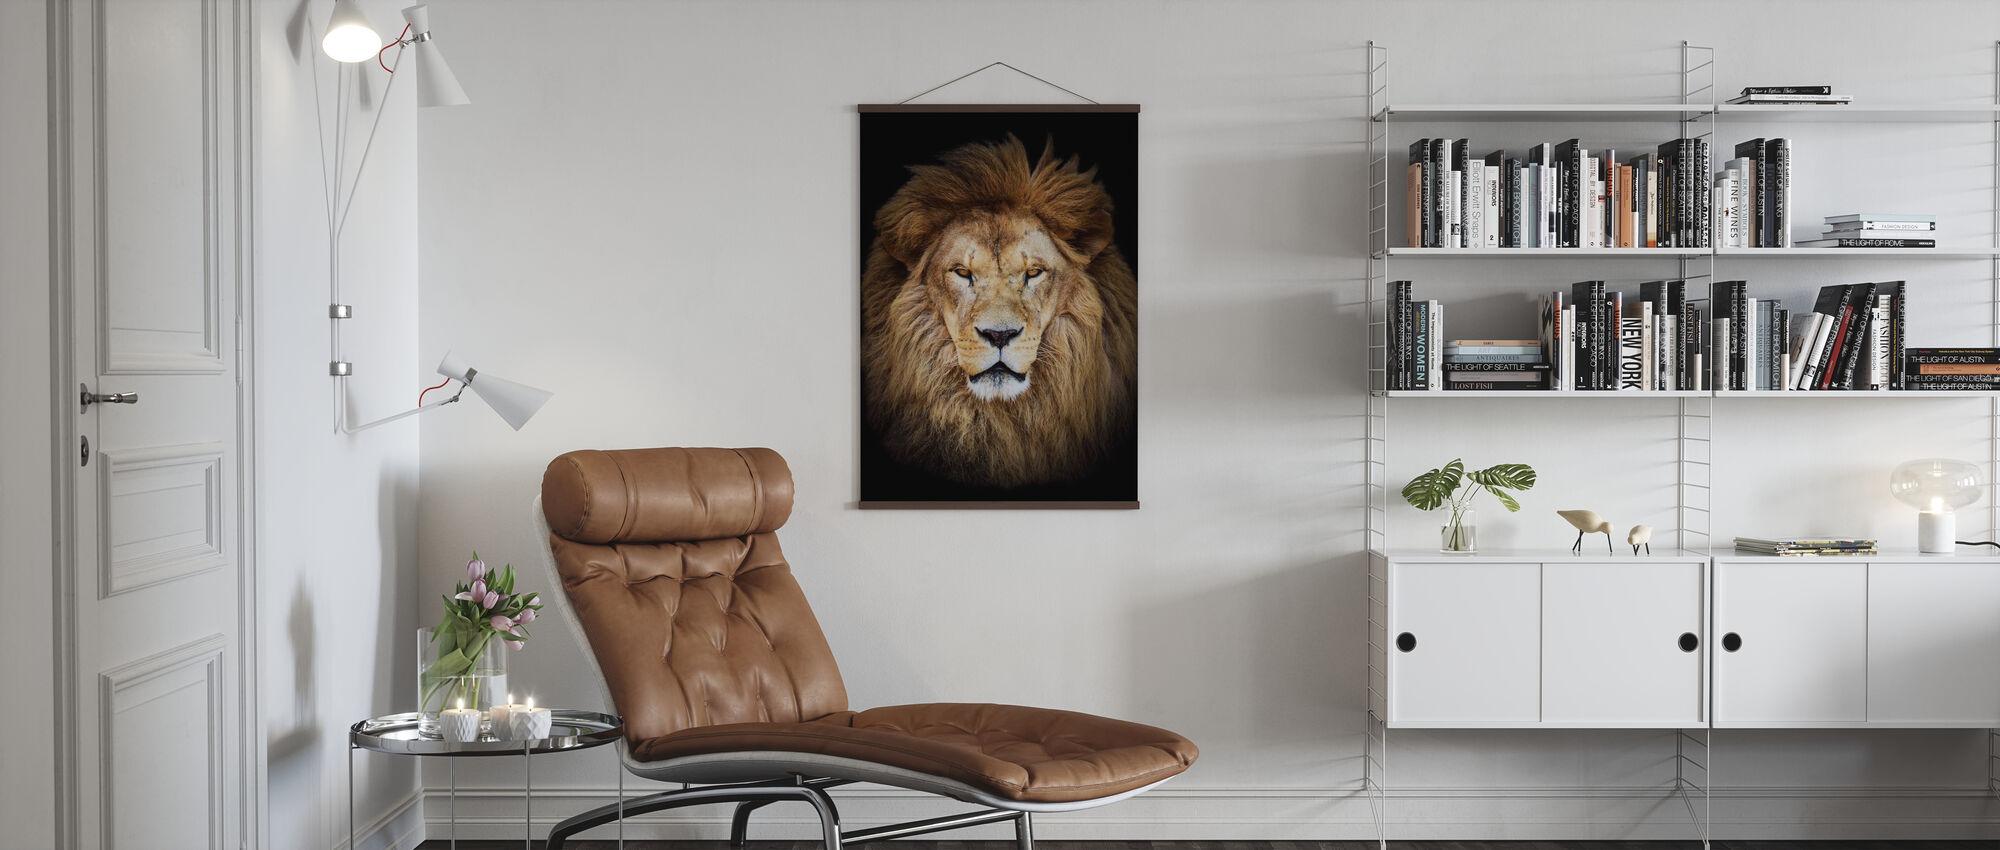 Majestätischer Löwe - Poster - Wohnzimmer